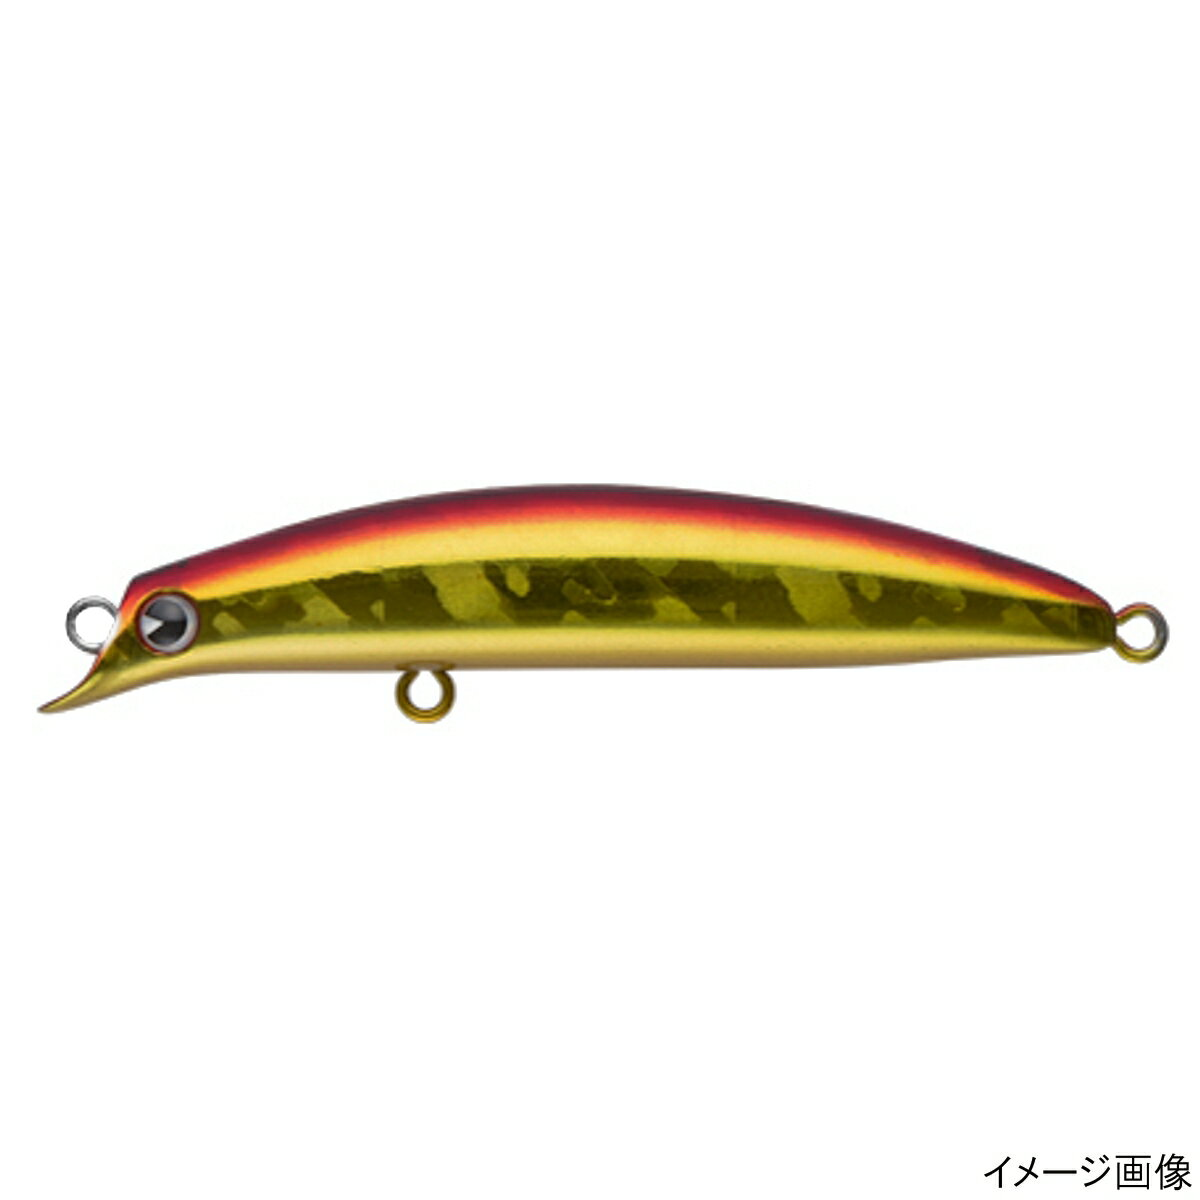 アイマ(ima) サスケ SF-75 #SKF75-105 アカキン【ゆうパケット】